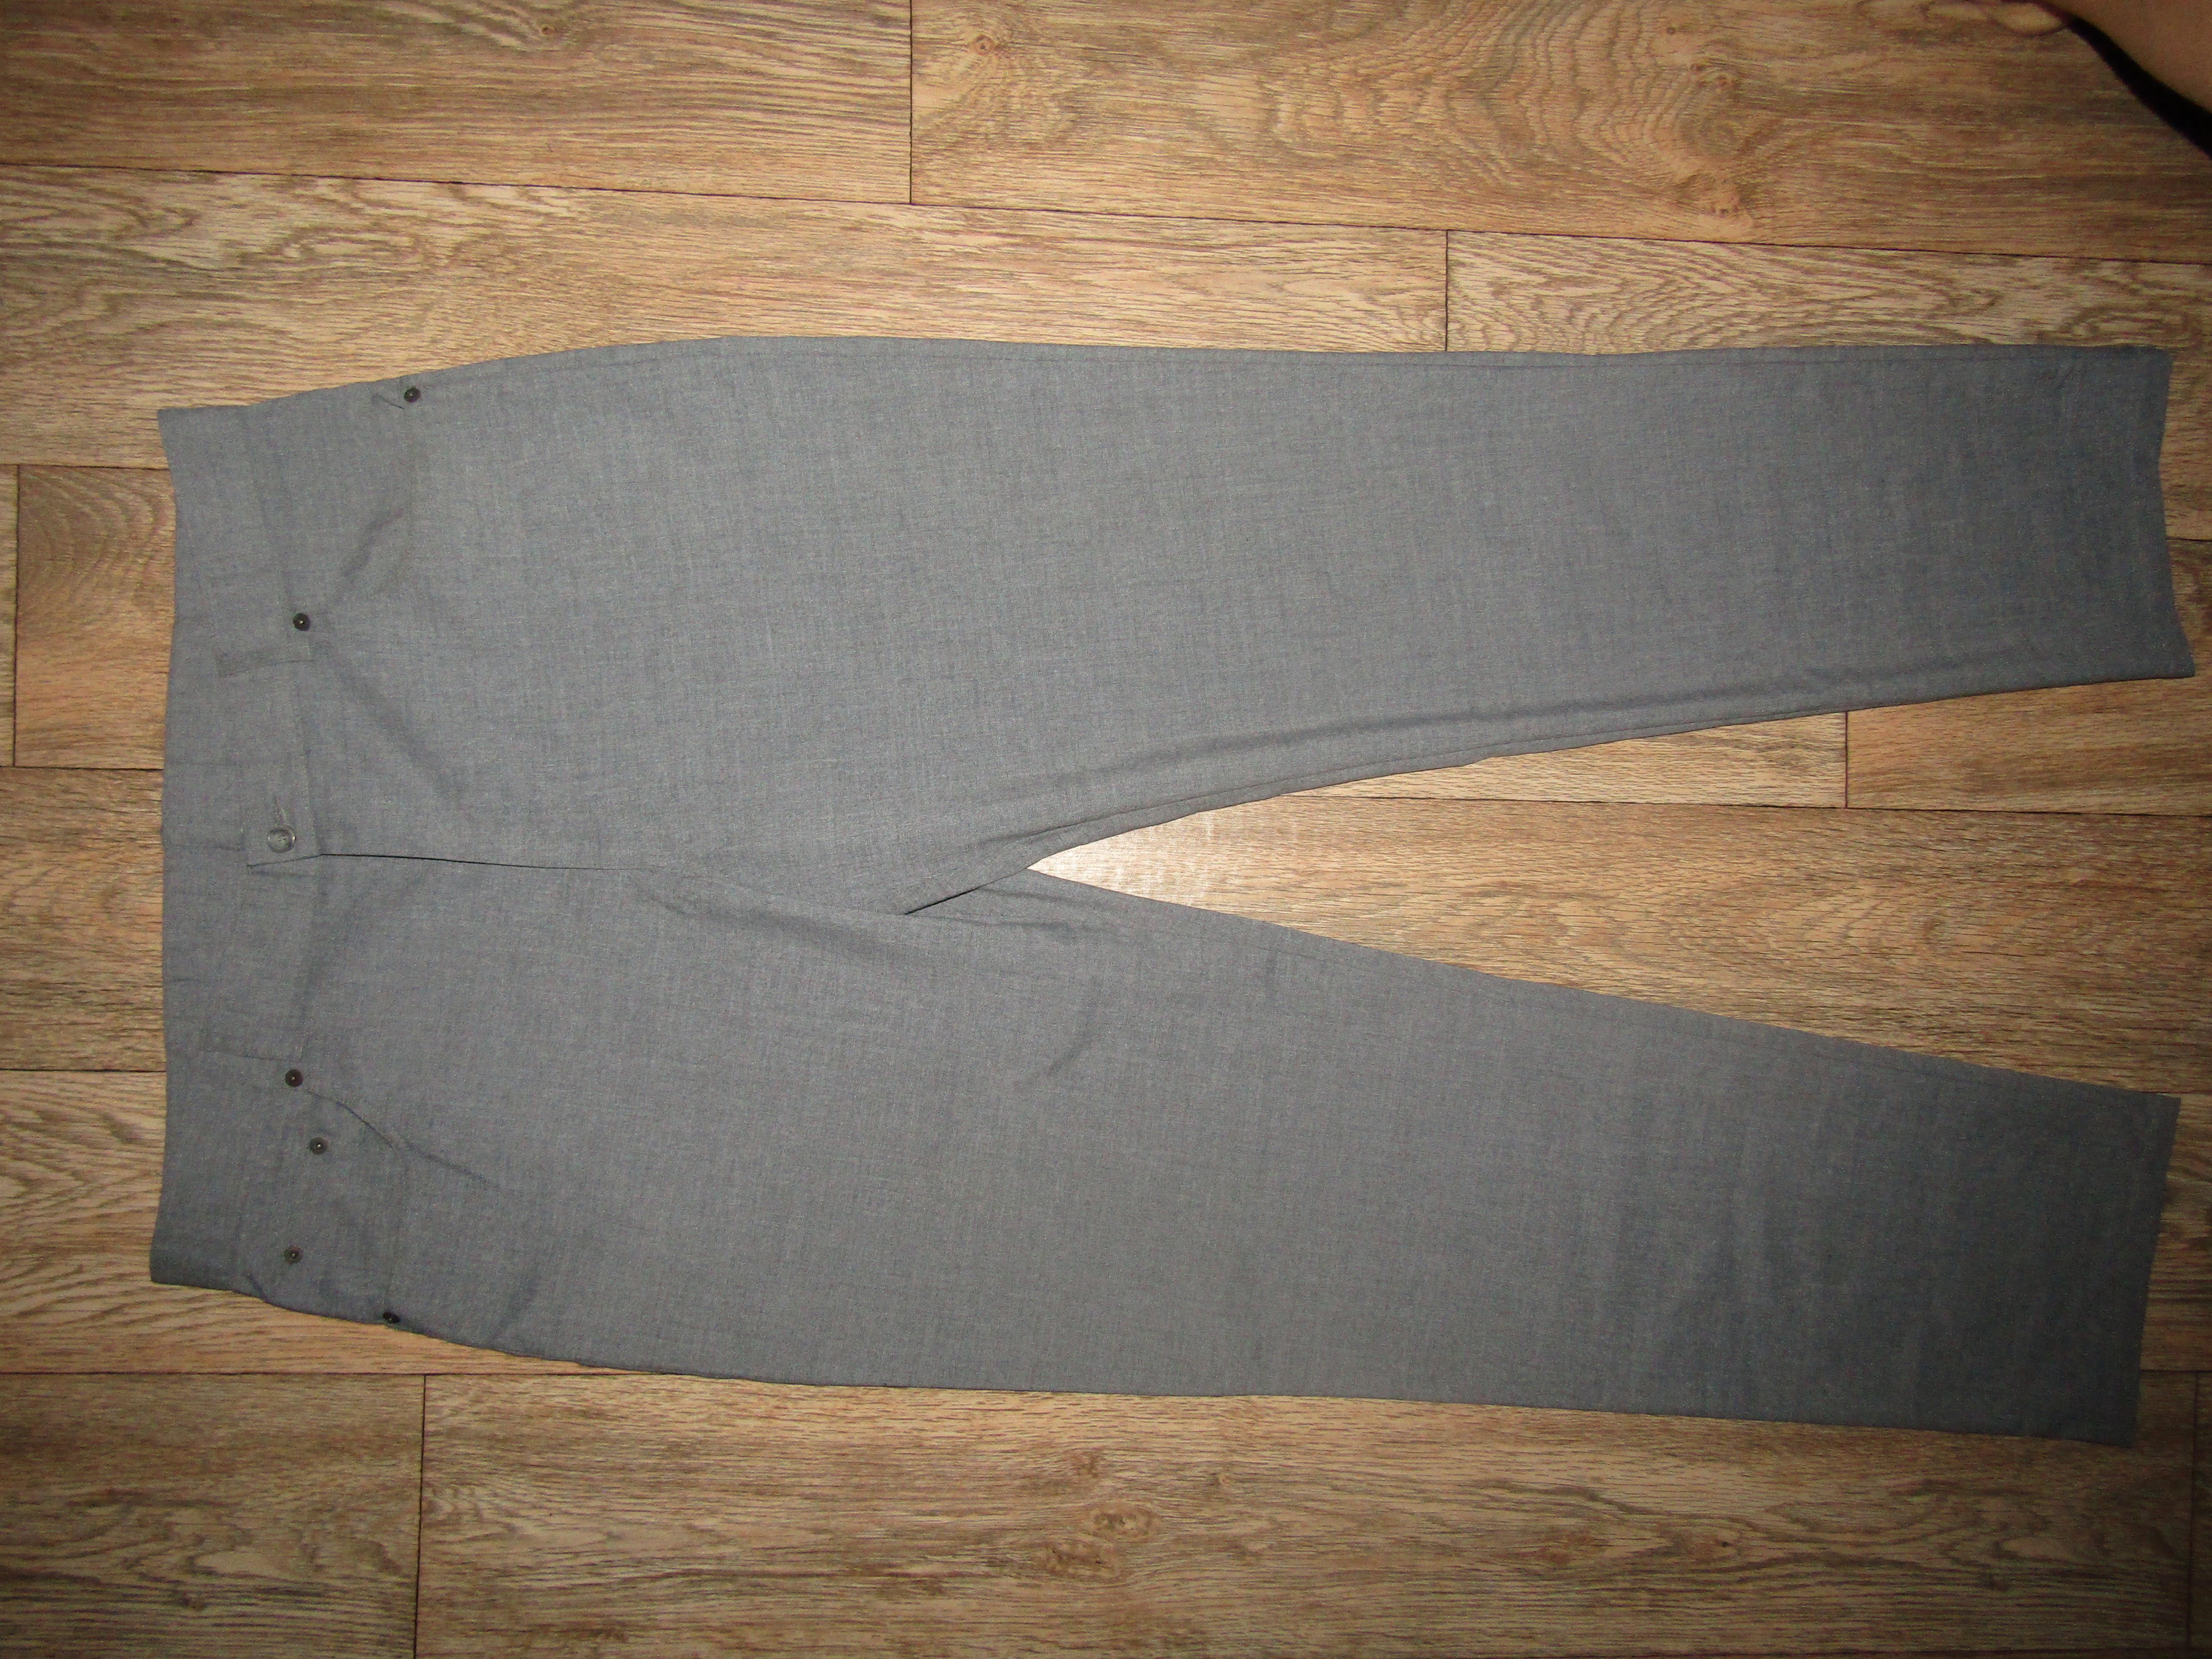 брюки мужские новые р-р ХЛ-52-54 Mens